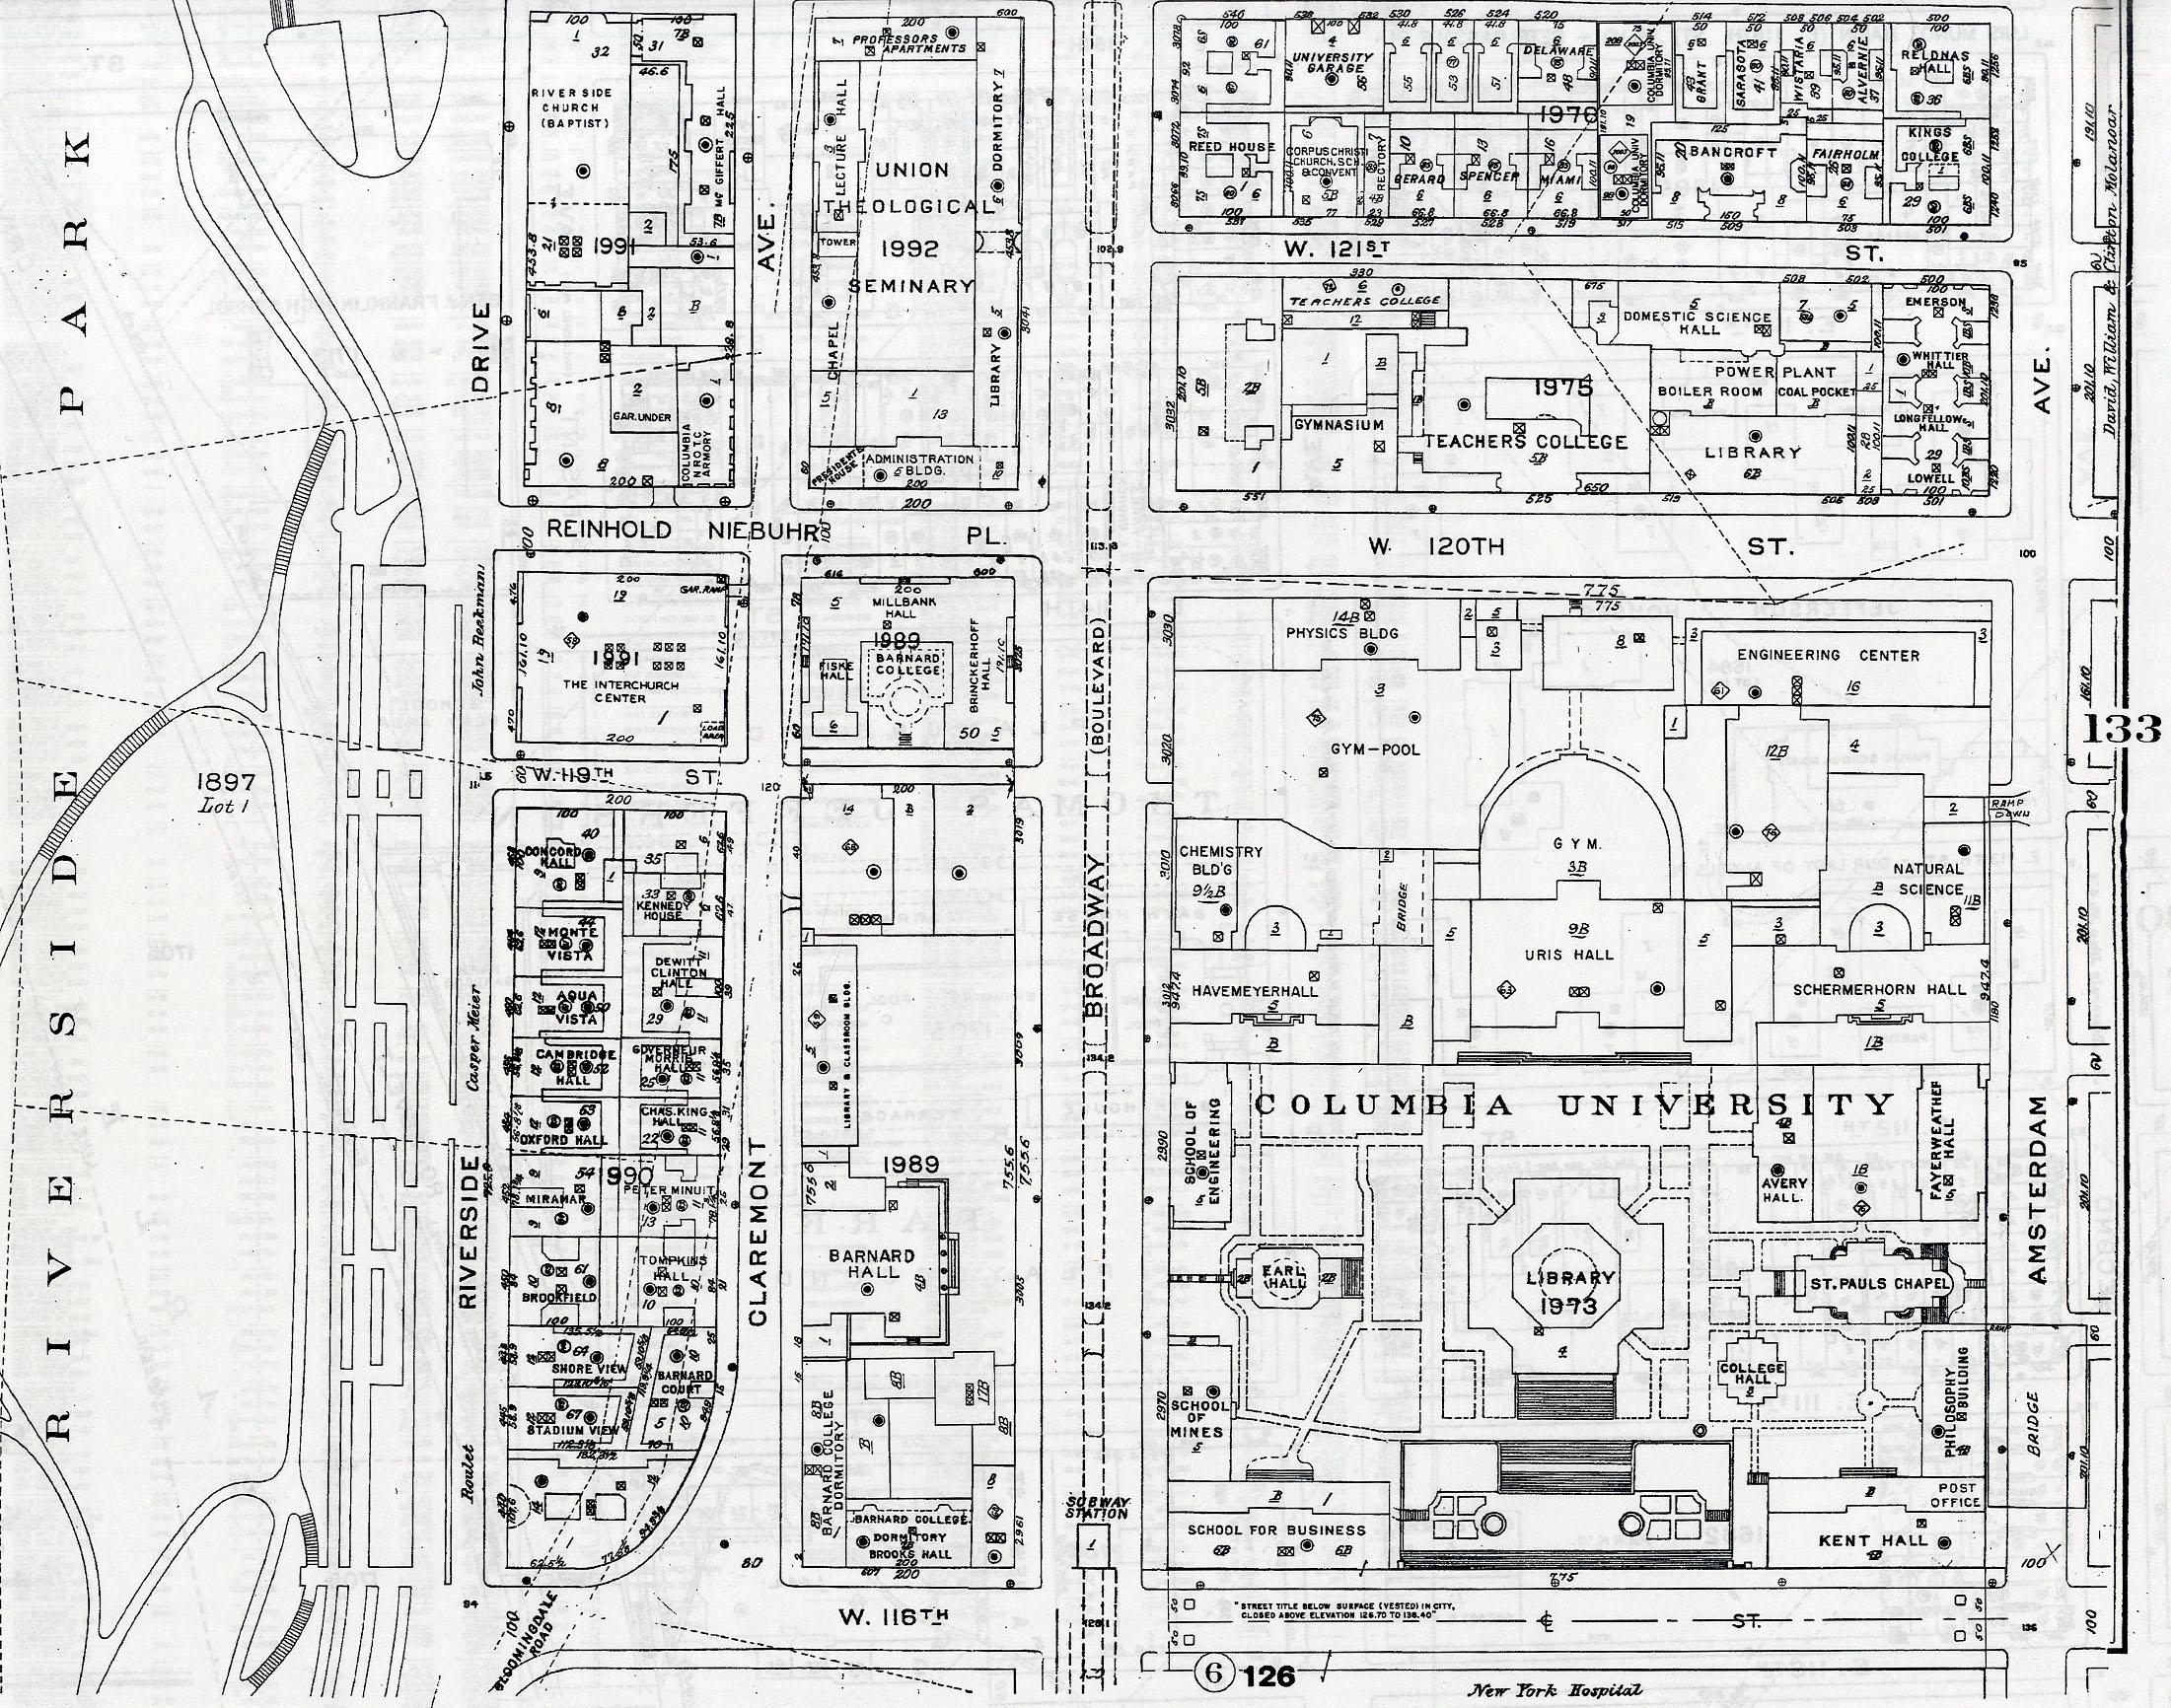 Avery's New York City Atlases | Columbia University Liries on map of tillson ny, map of paul smiths ny, map of jackson ny, map of appleton ny, map of north river ny, map of south otselic ny, map of strykersville ny, map of nelson ny, map of le roy ny, map of south colton ny, map of tioga ny, map of kingsbury ny, map of kent ny, map of winthrop ny, map of glenfield ny, map of dickinson ny, map of afton ny, map of pine island ny, map of vernon center ny, map of scipio center ny,